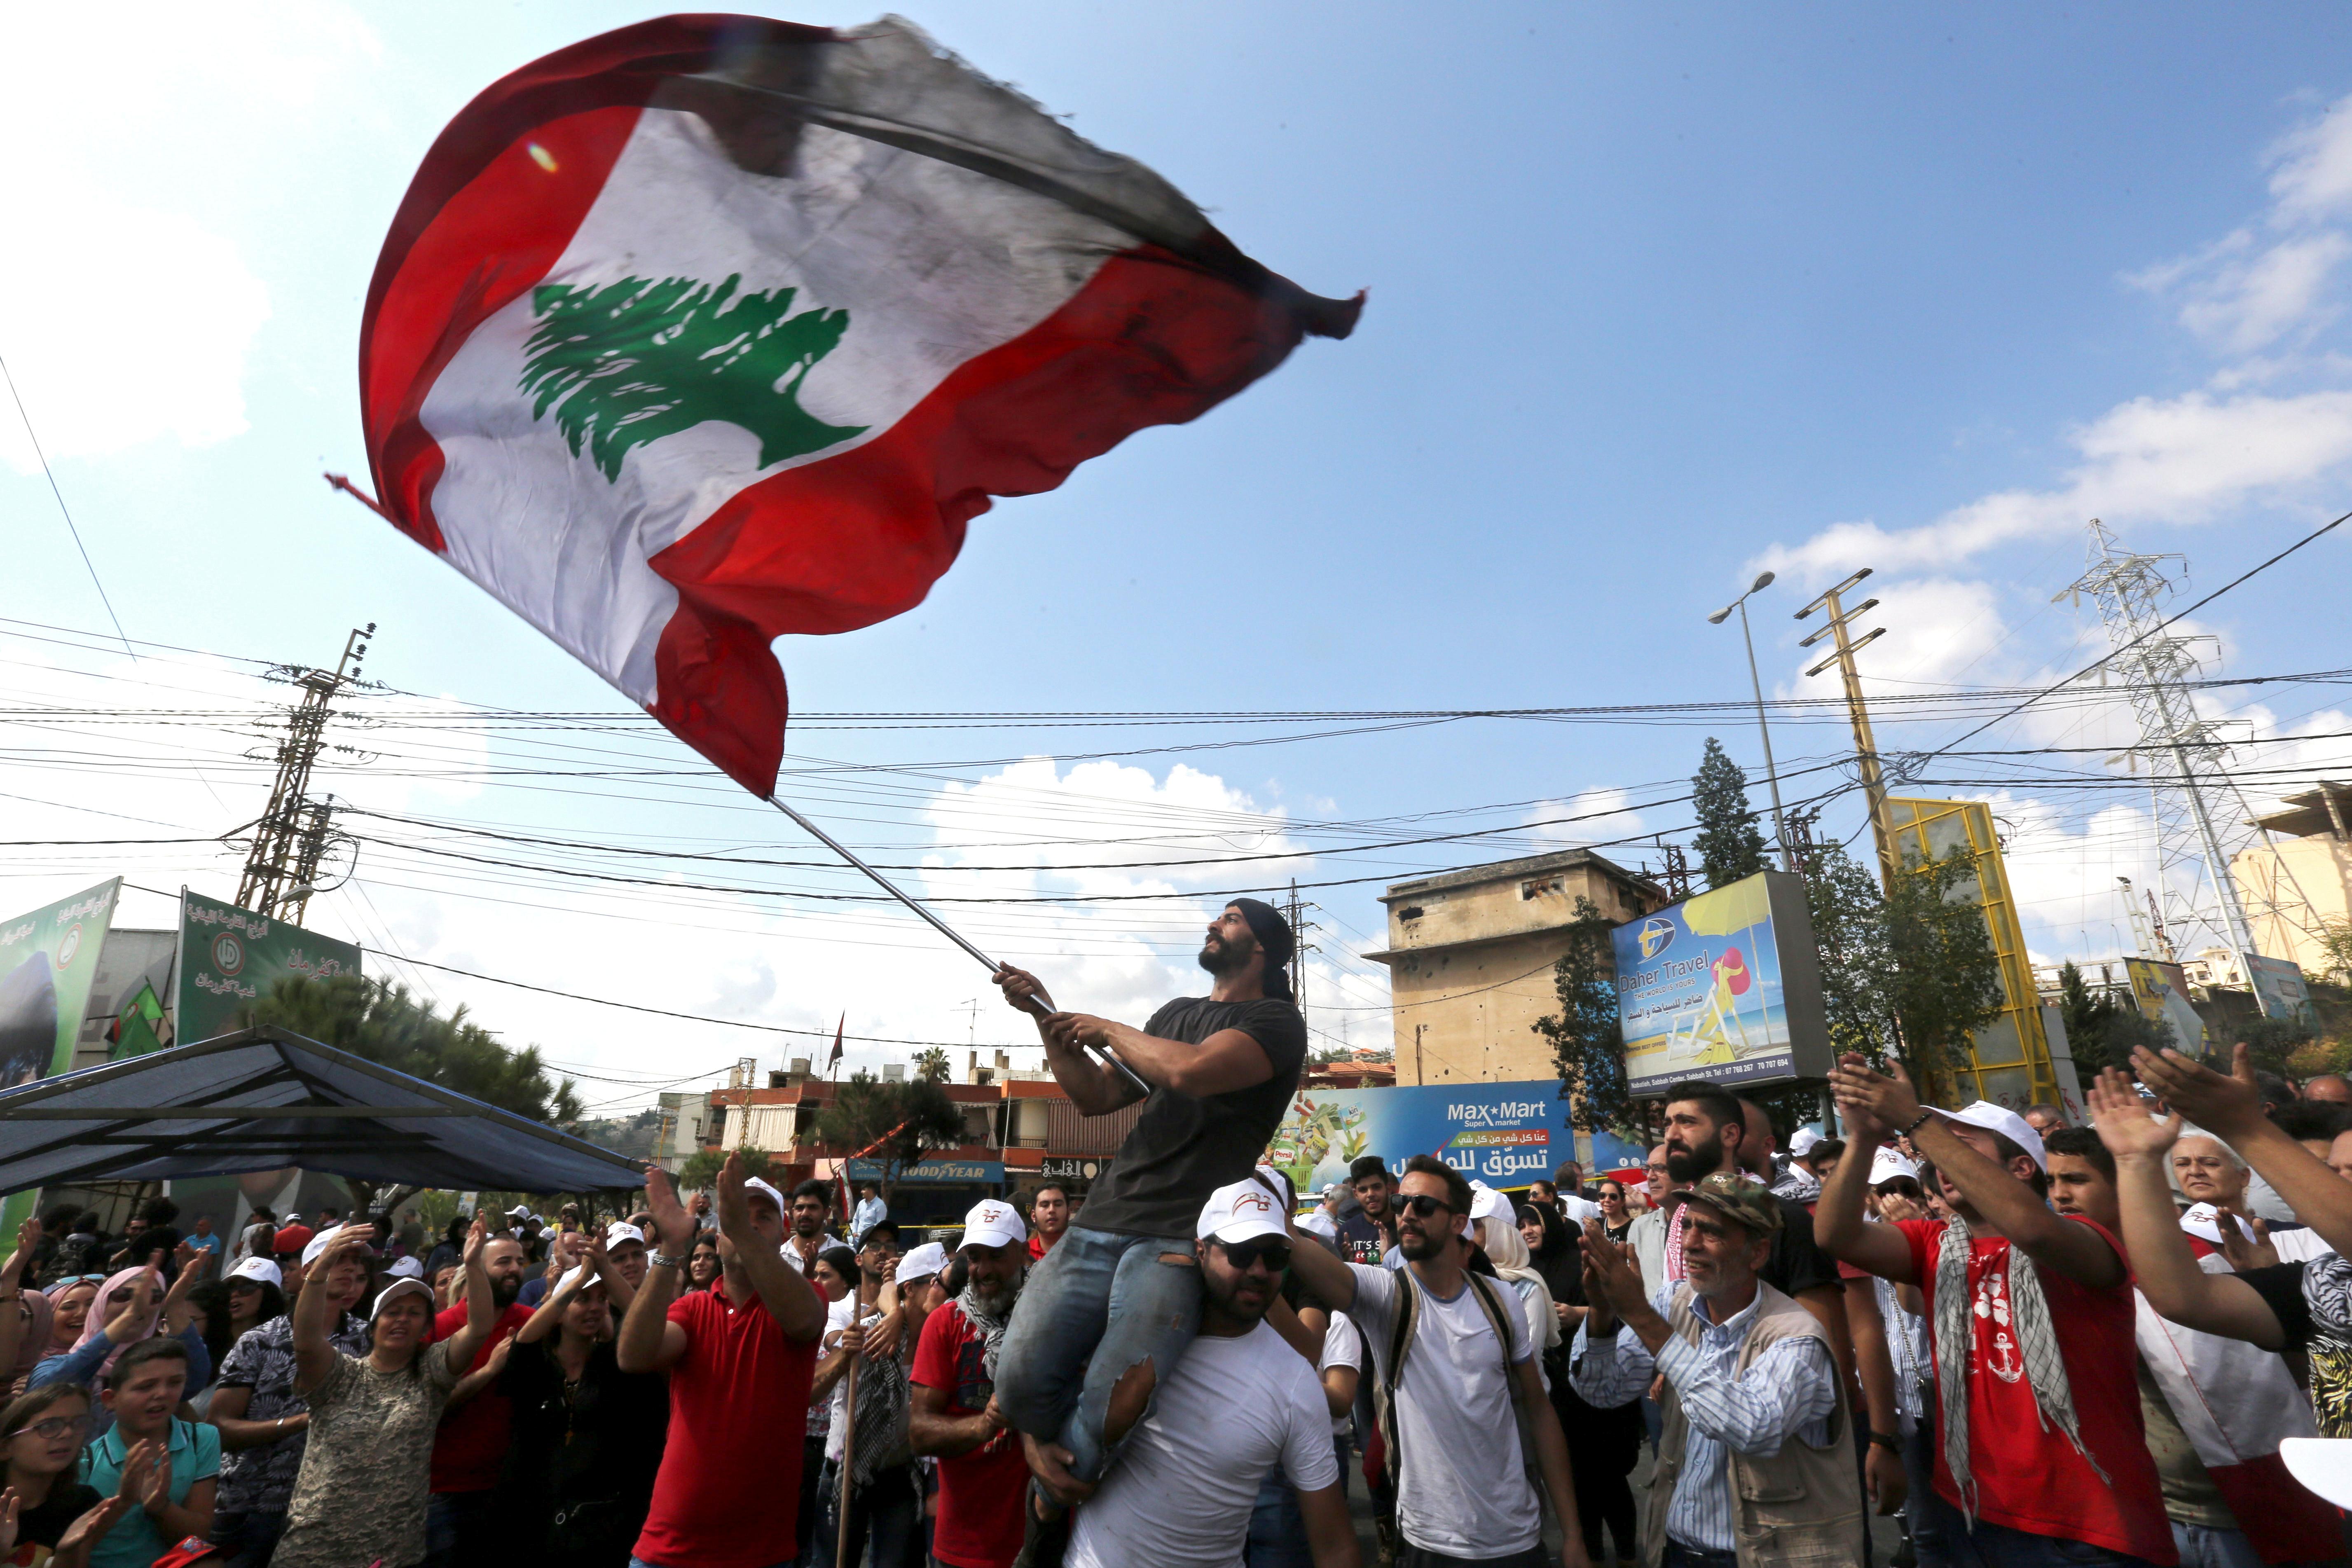 متظاهر يلوح بعلم وطني خلال مظاهرة  في مدينة النبطية الجنوبية